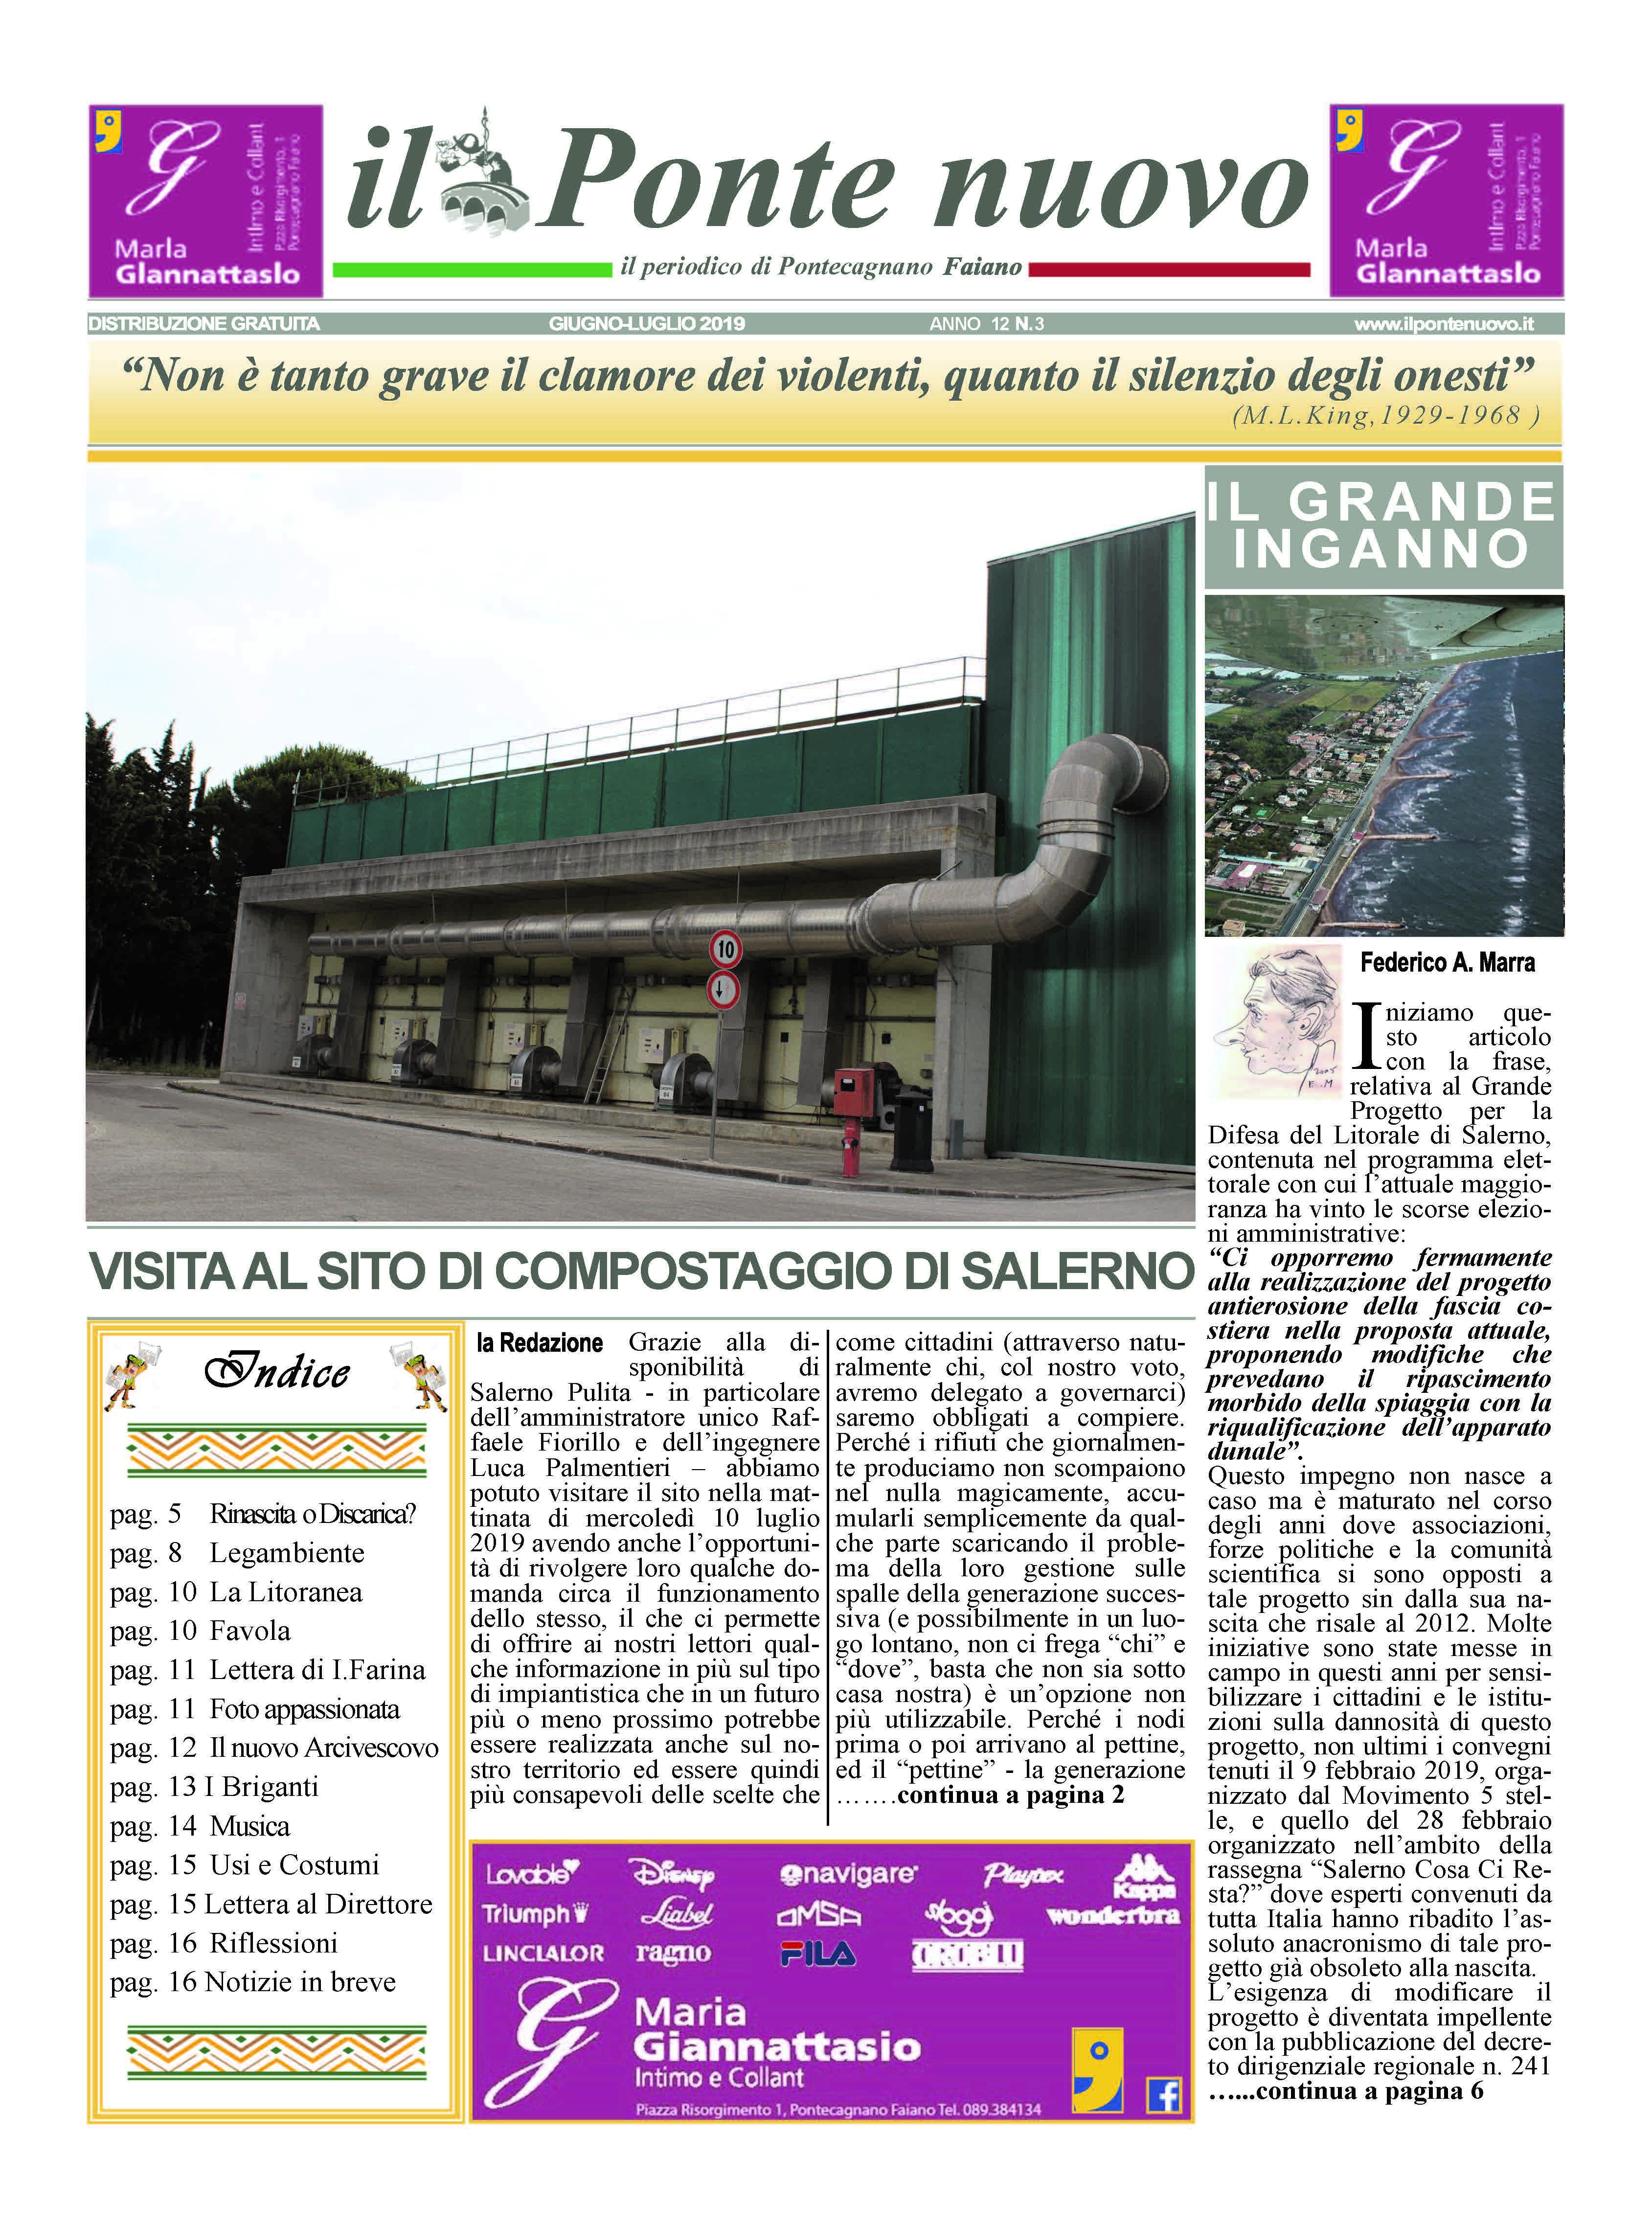 ilpontenuovo-3-2019_Page_01